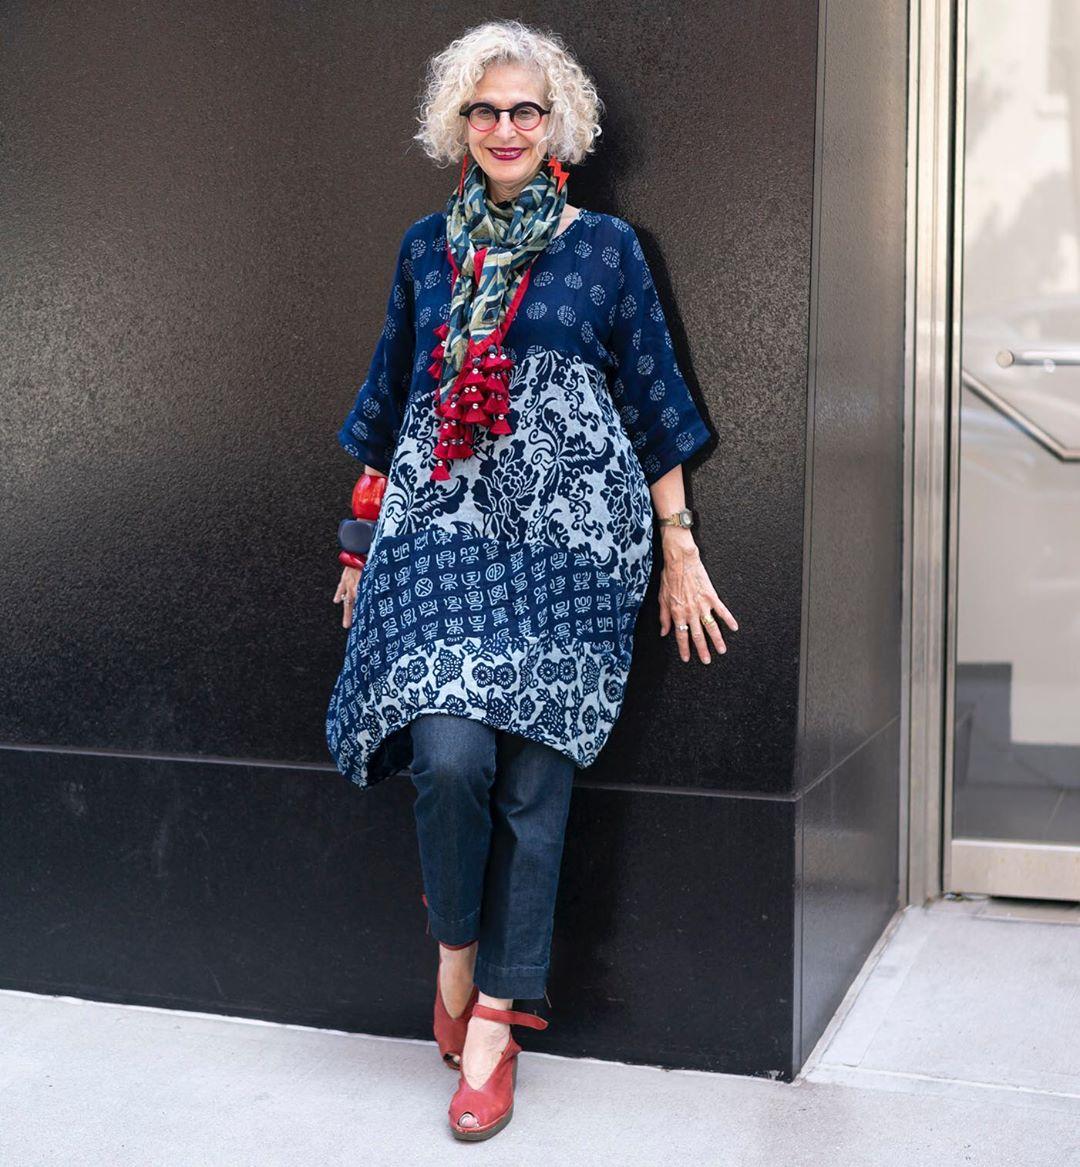 Бохо стиль: 14 ярких, оригинальных образов для женщины элегантного возраста фото8